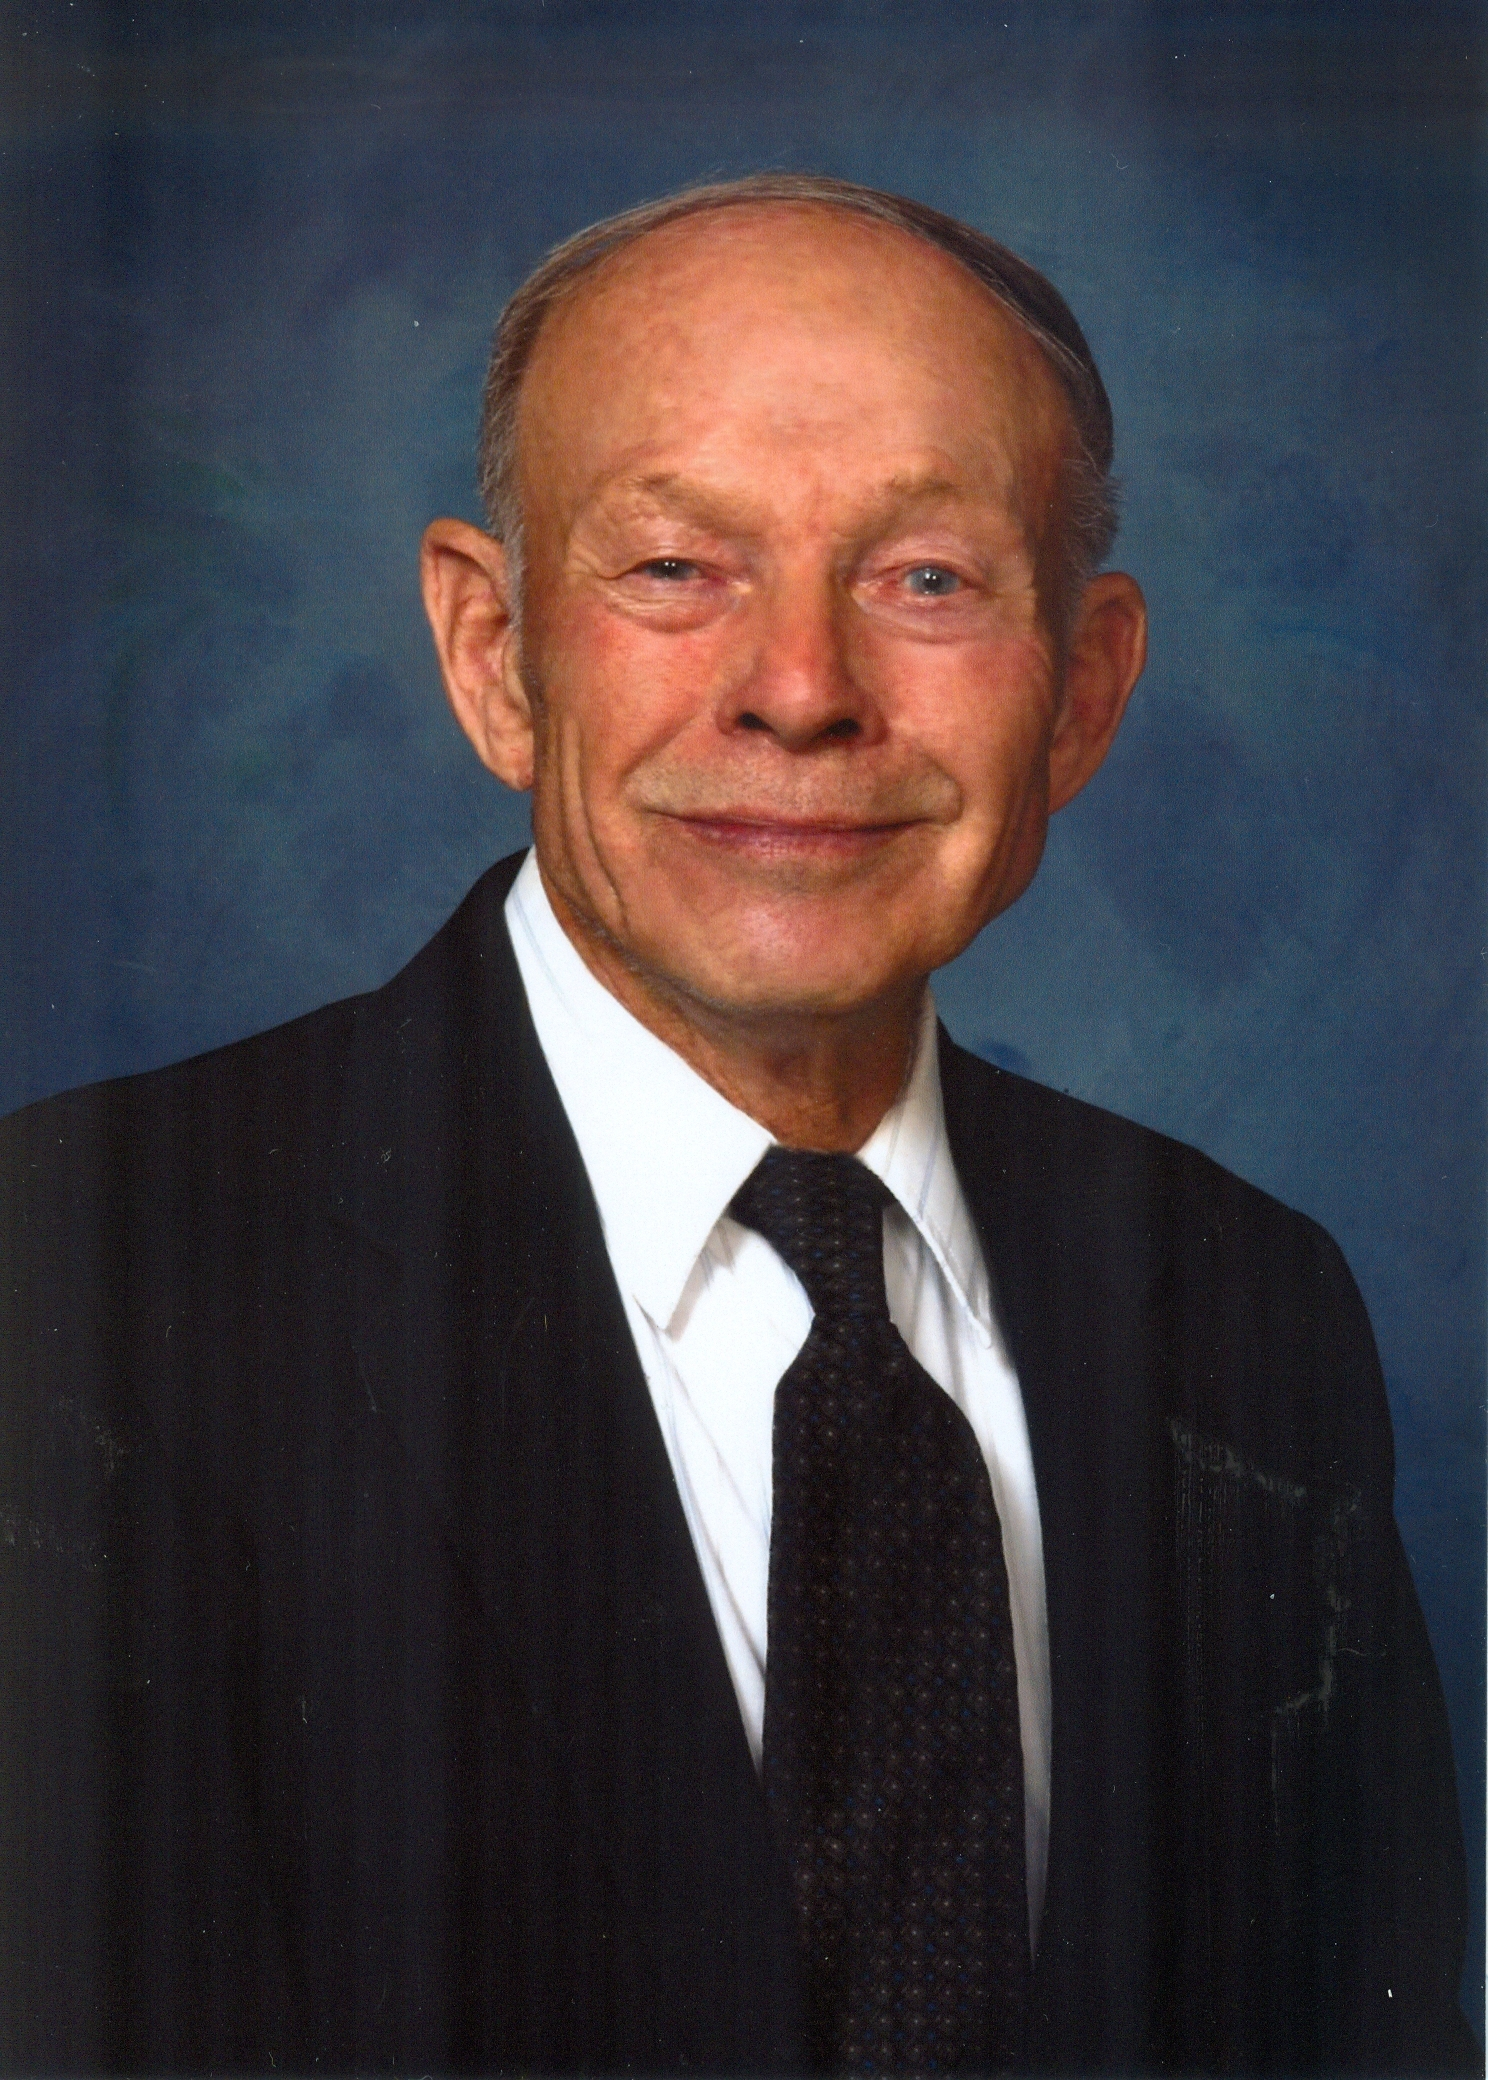 Robert H. Ronningen